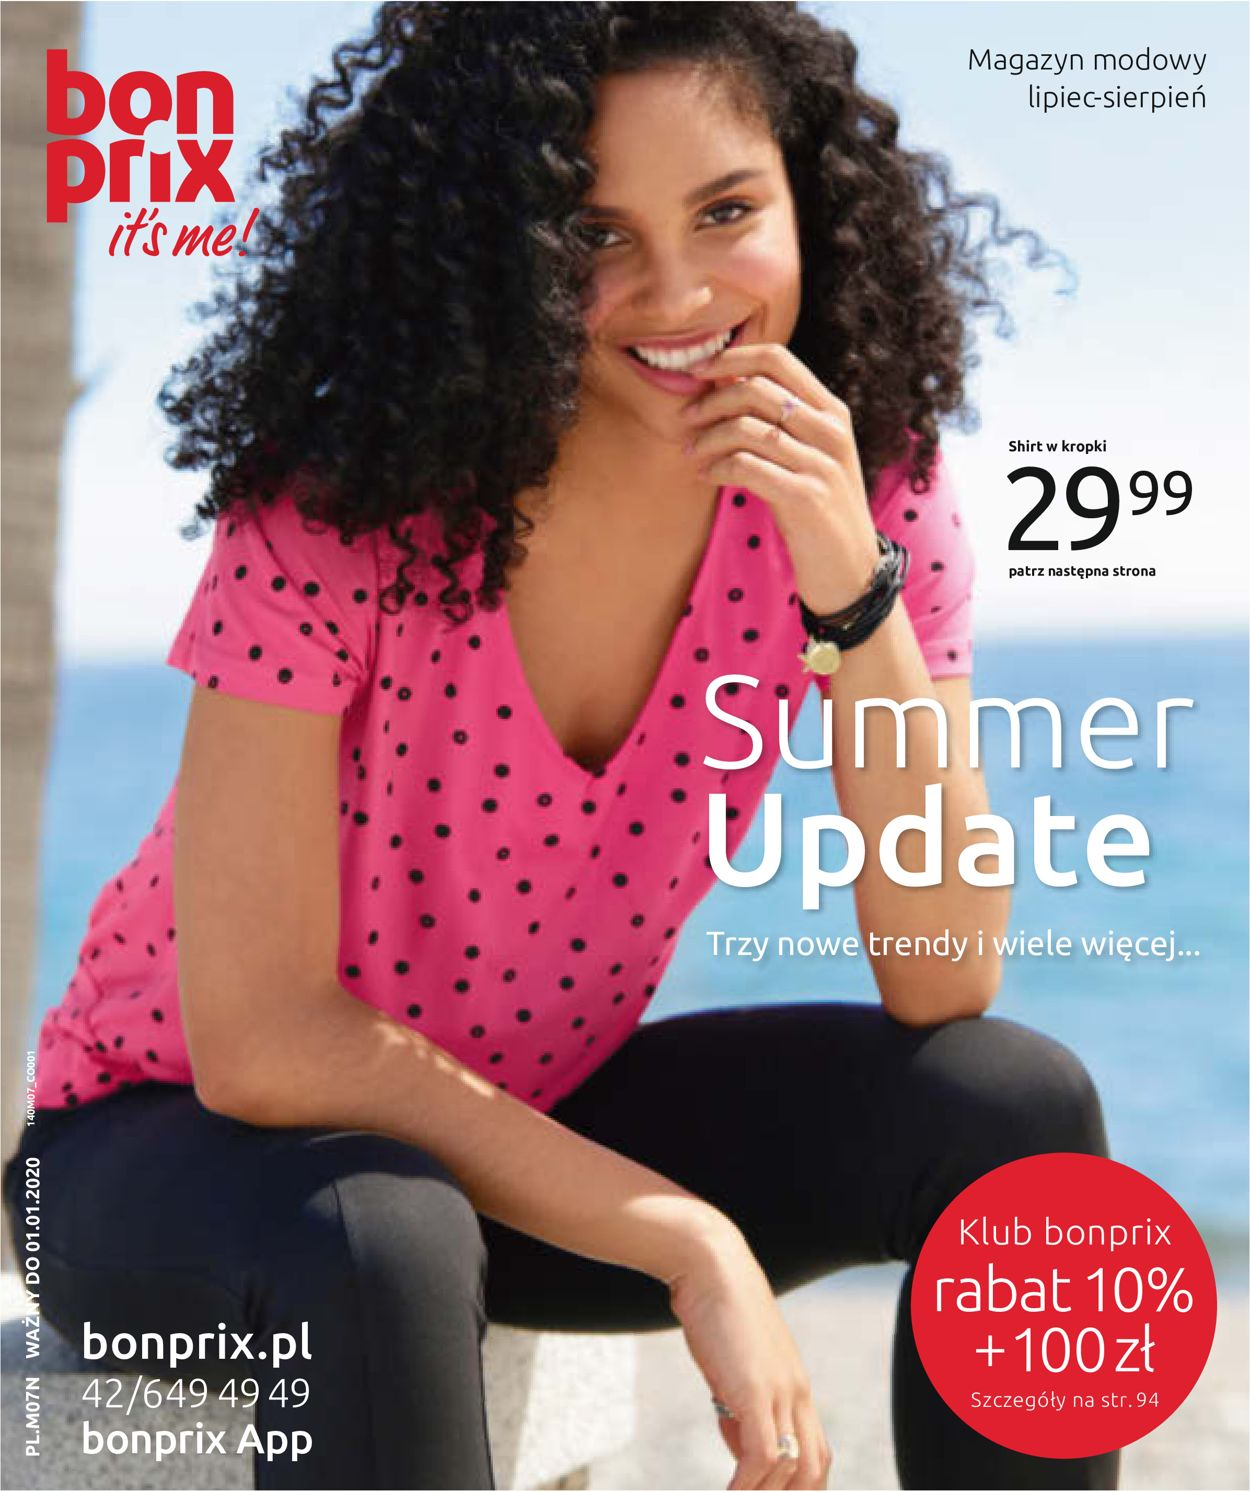 Gazetka promocyjna Bonprix - 22.07-31.08.2019